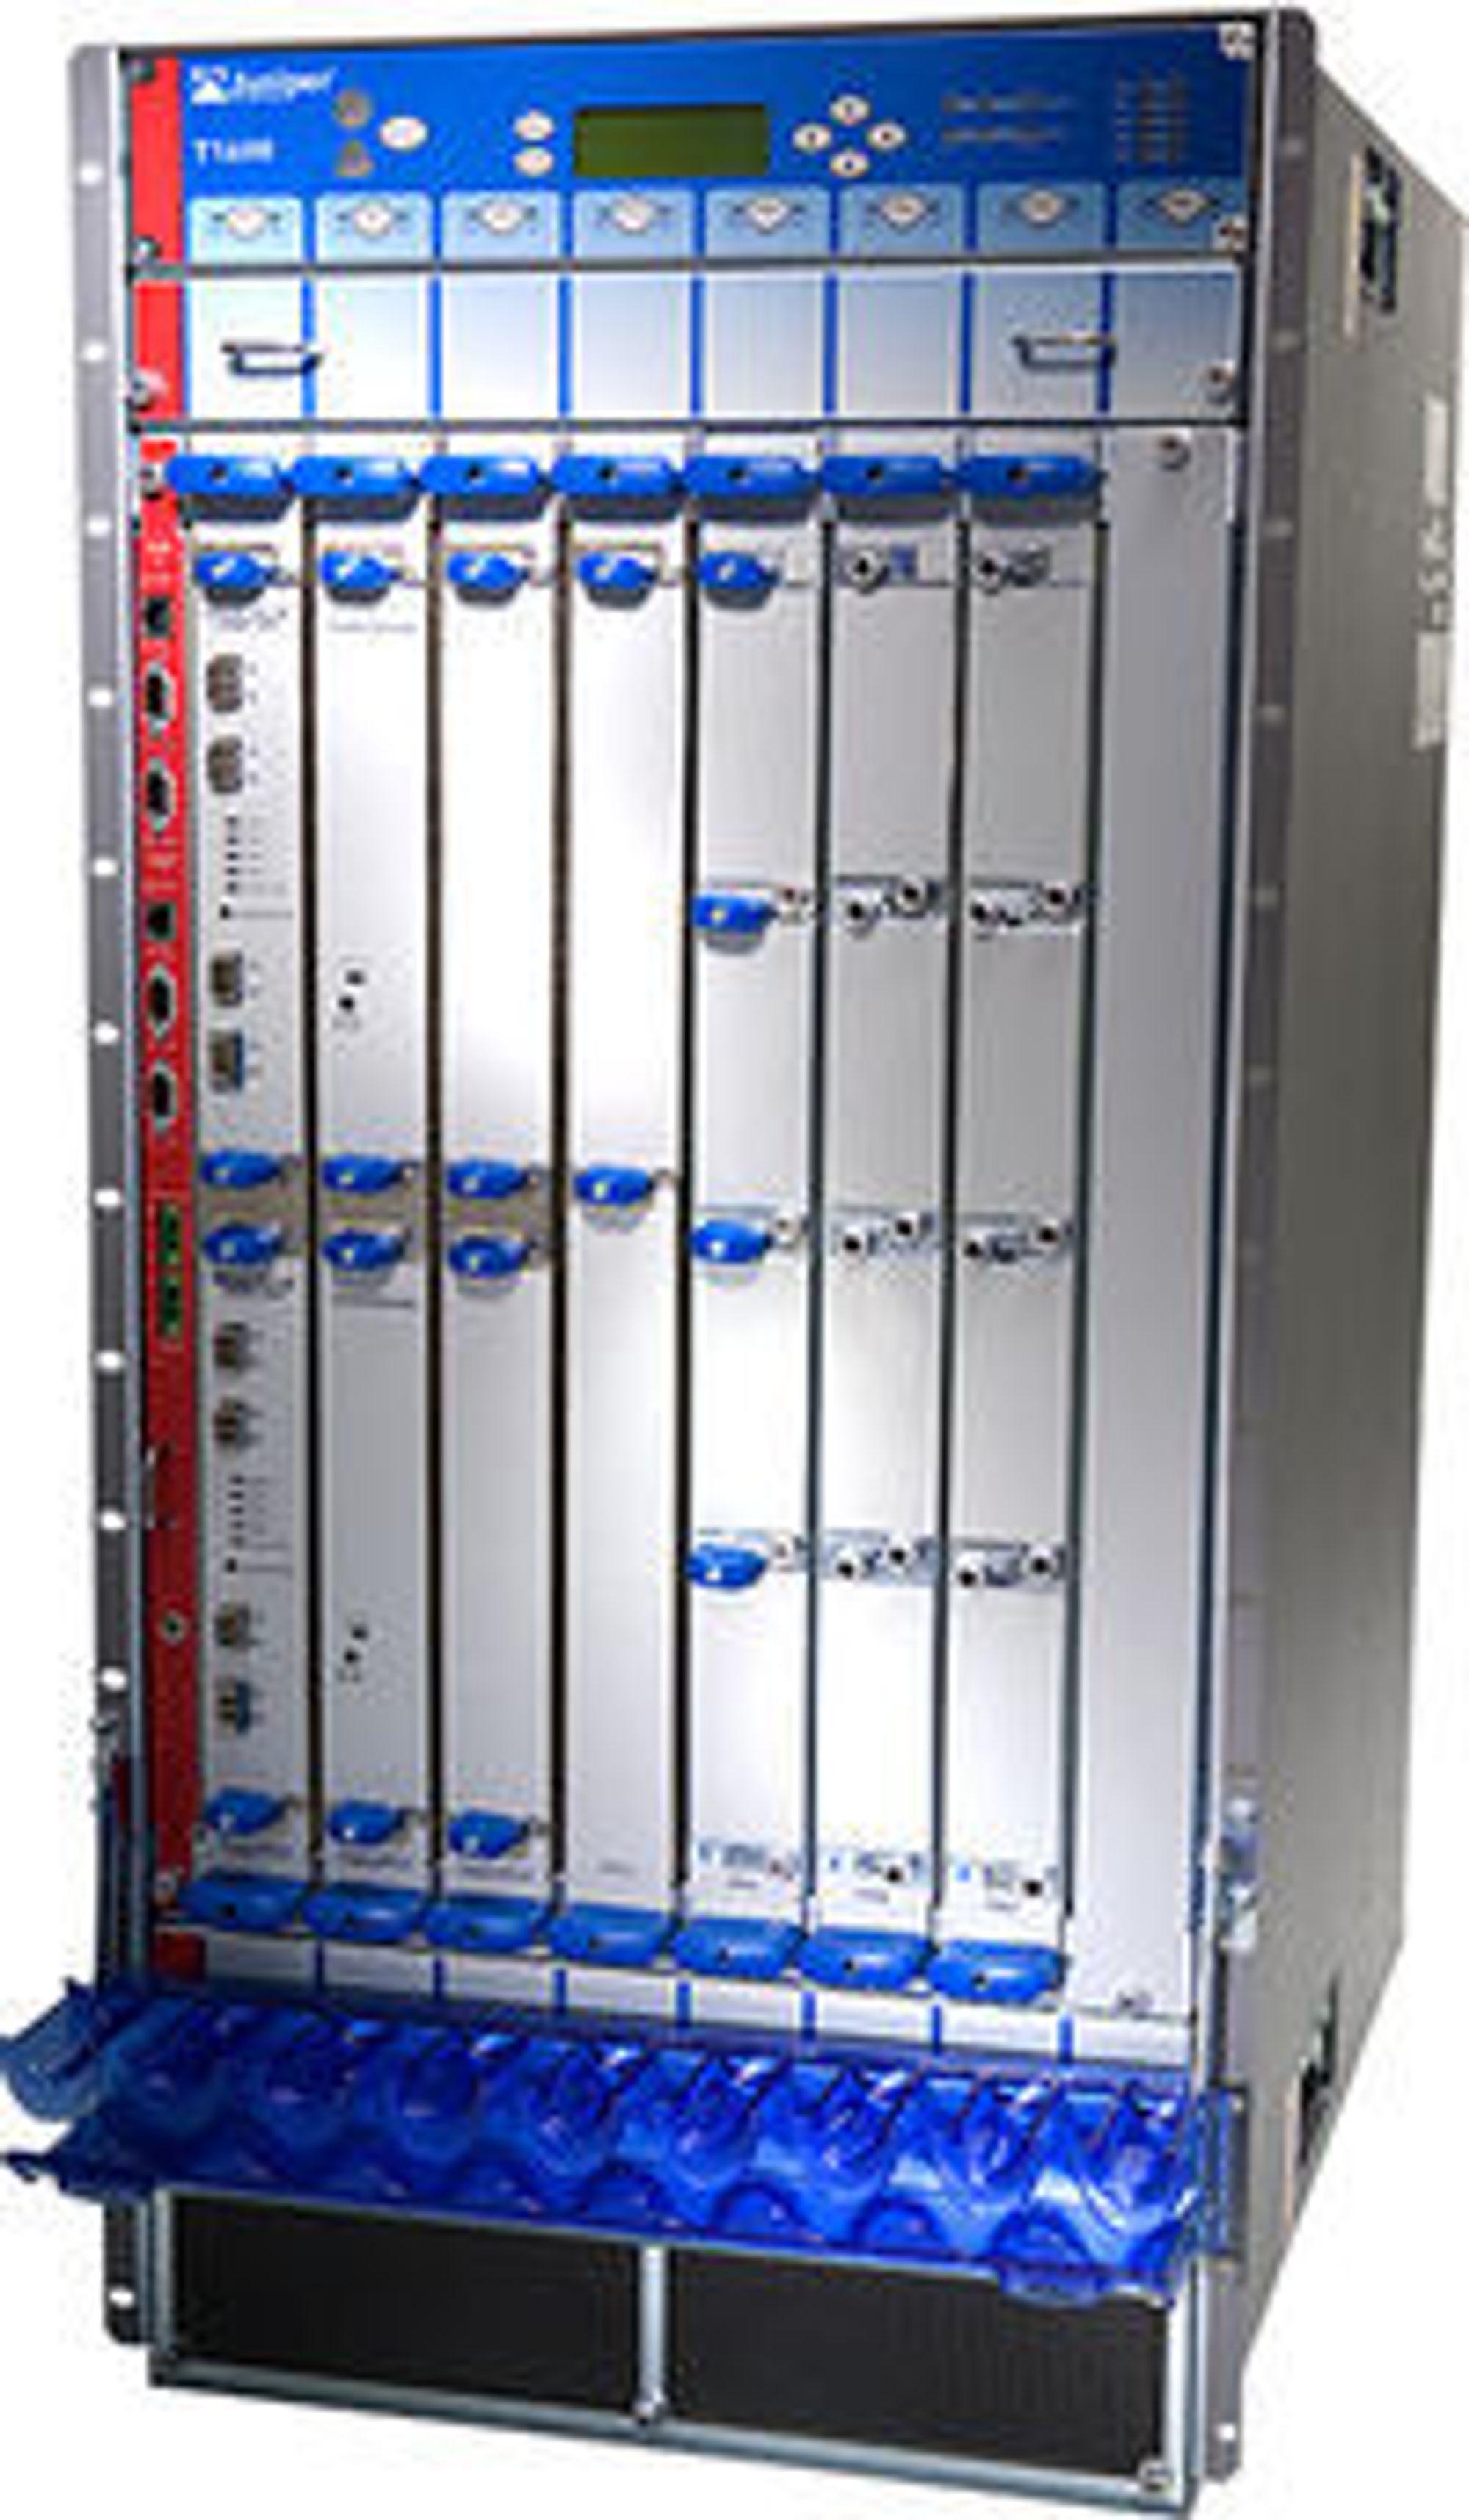 T1600-ruteren fra Juniper kan nok levere superbredbånd til The Gathering også i fremtiden. Boksen yter totalt 800 Gbits/s hver vei, langt mer enn de 30 Gbit som årets datatreff får. Boksen veier rundt 300 kilo og måler 44.27 x 95.12 x 78.74 cm.